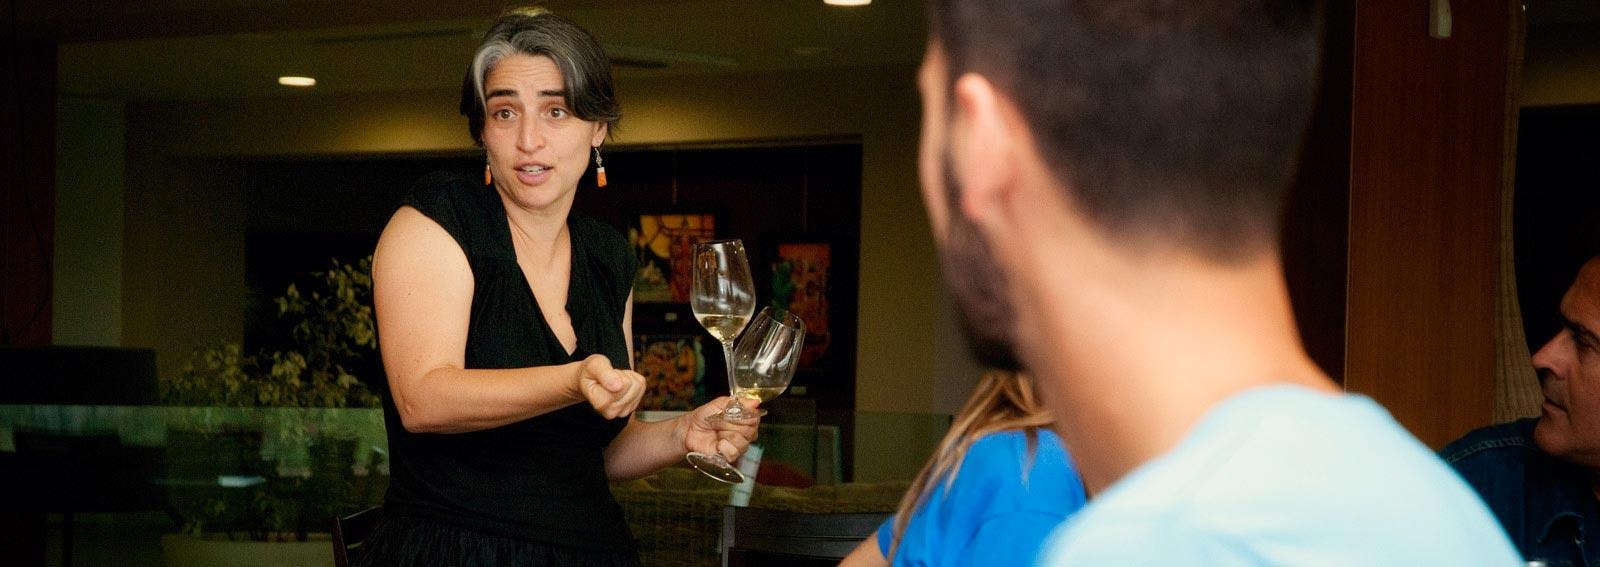 Anna Espelt catando vinos en la sala de catas del Celler Espelt